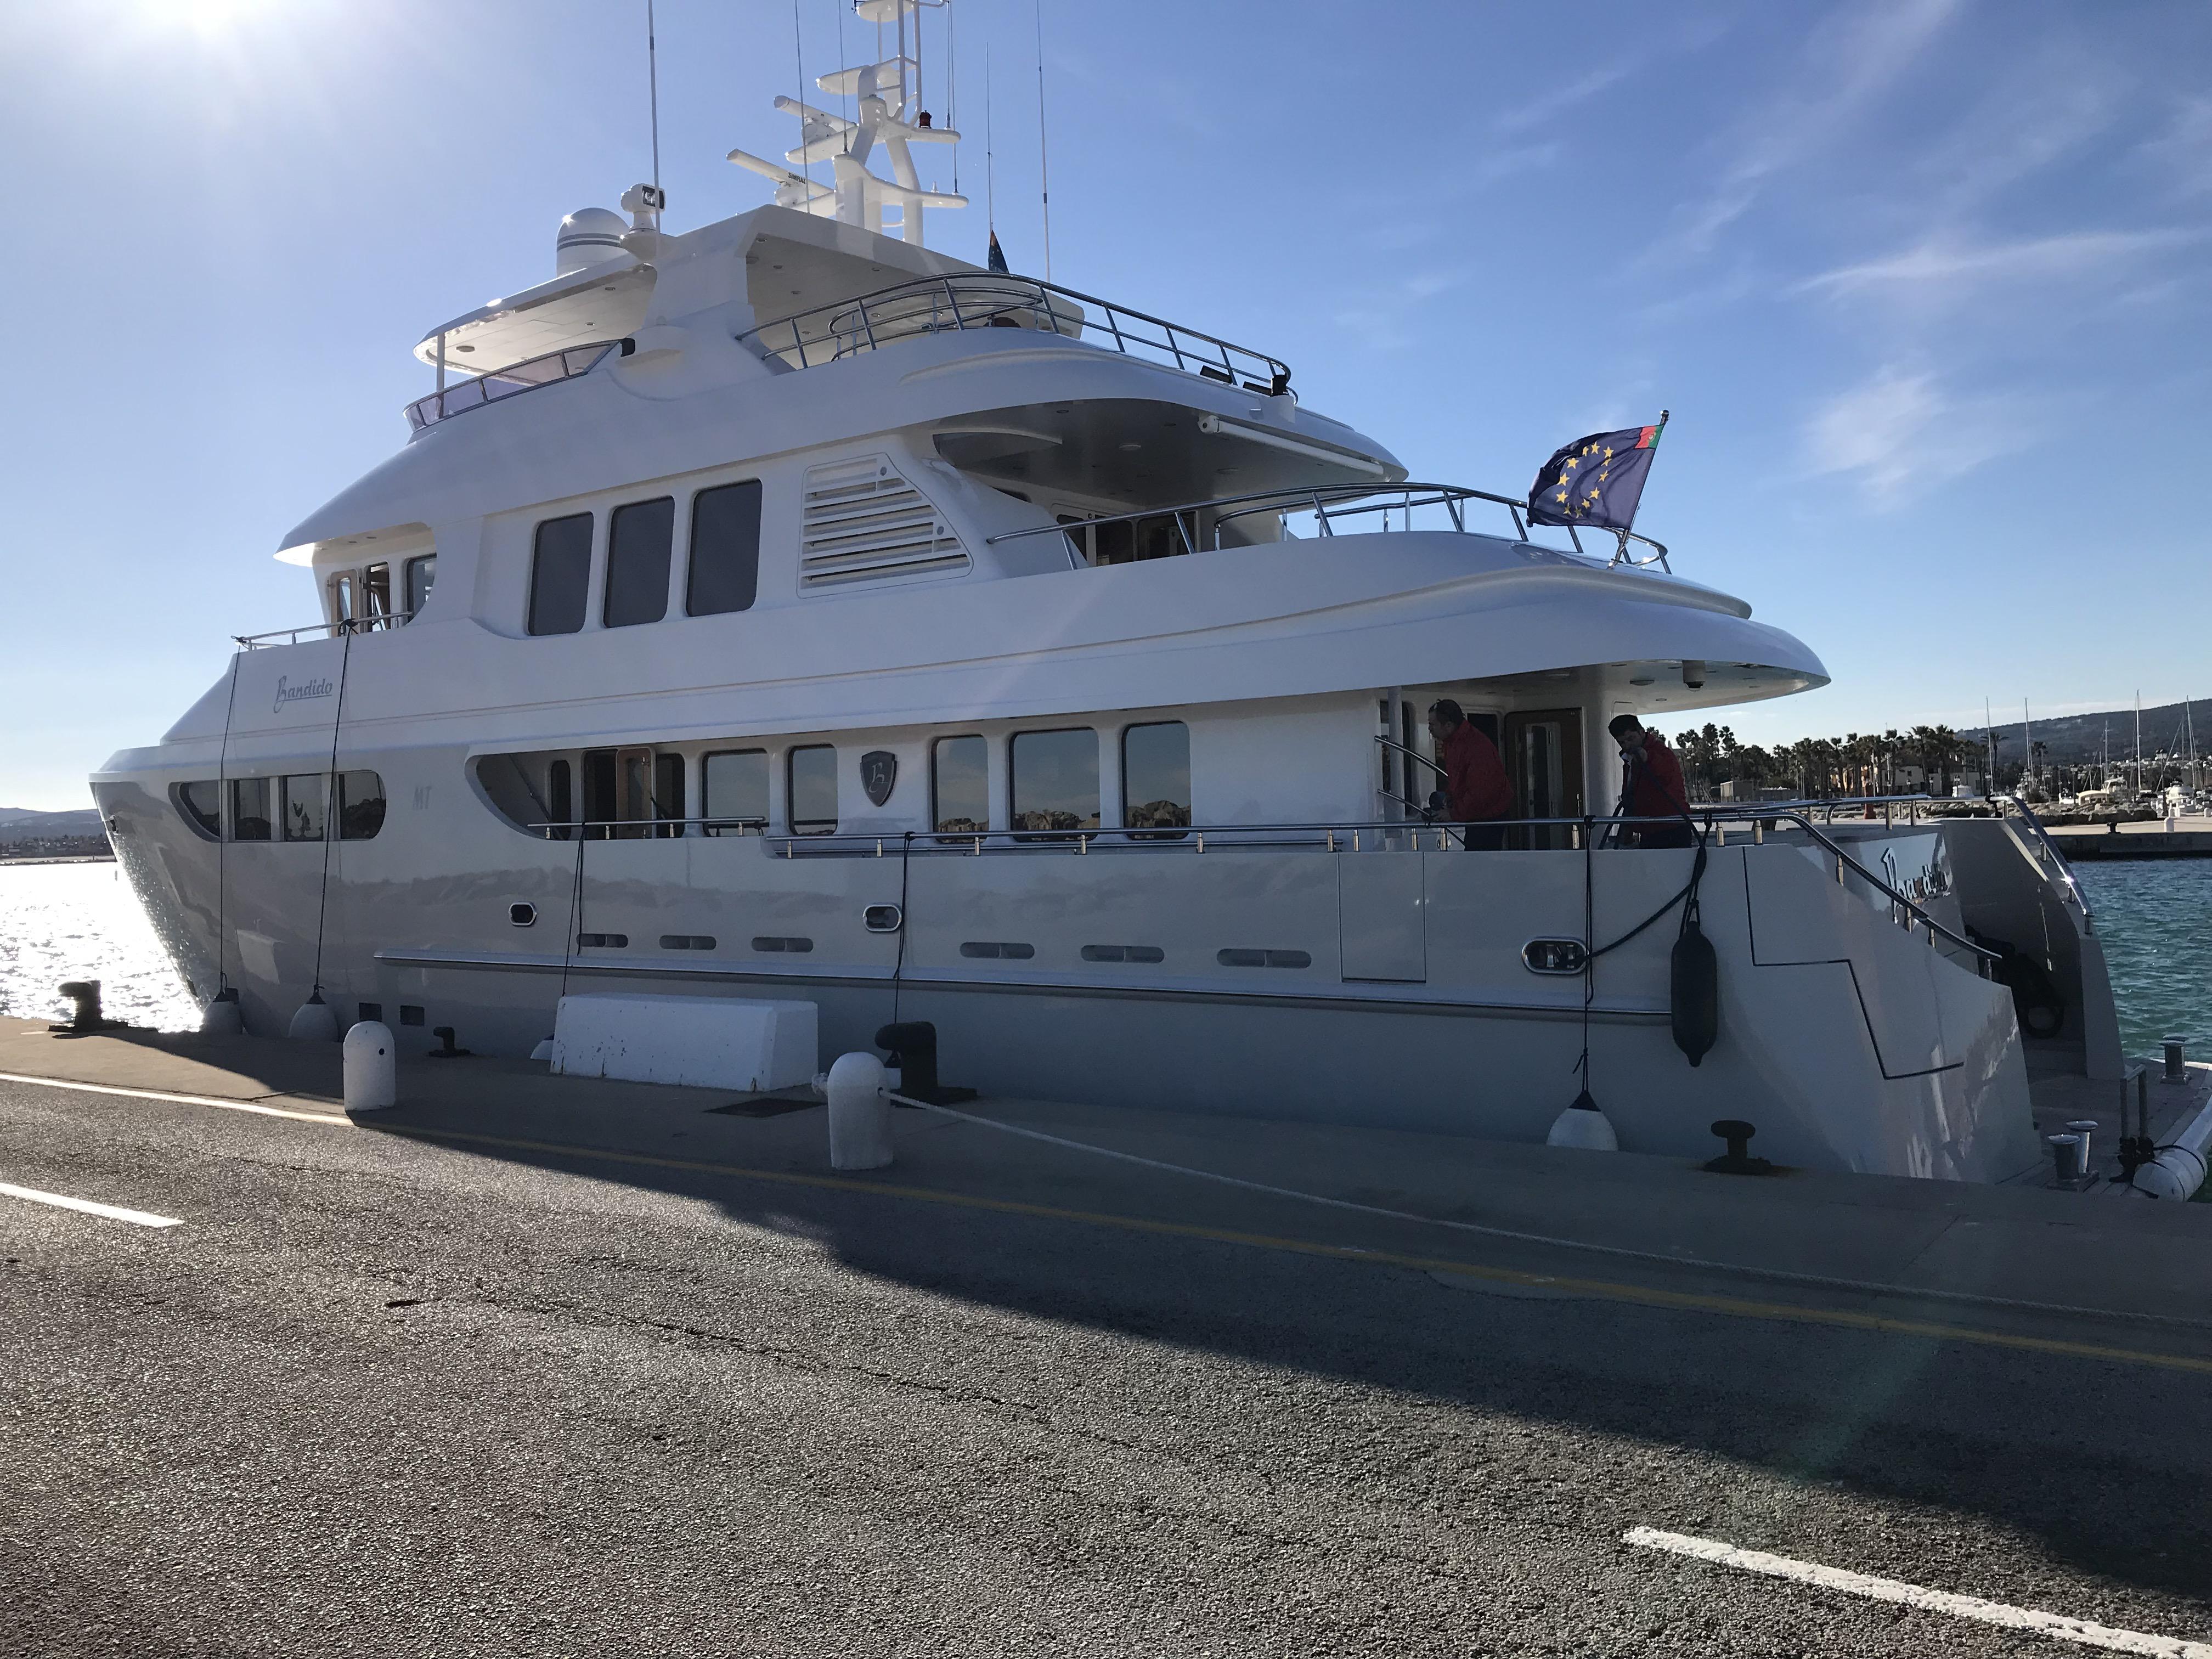 Banbido 90 moored / Banbido 90 amarrado